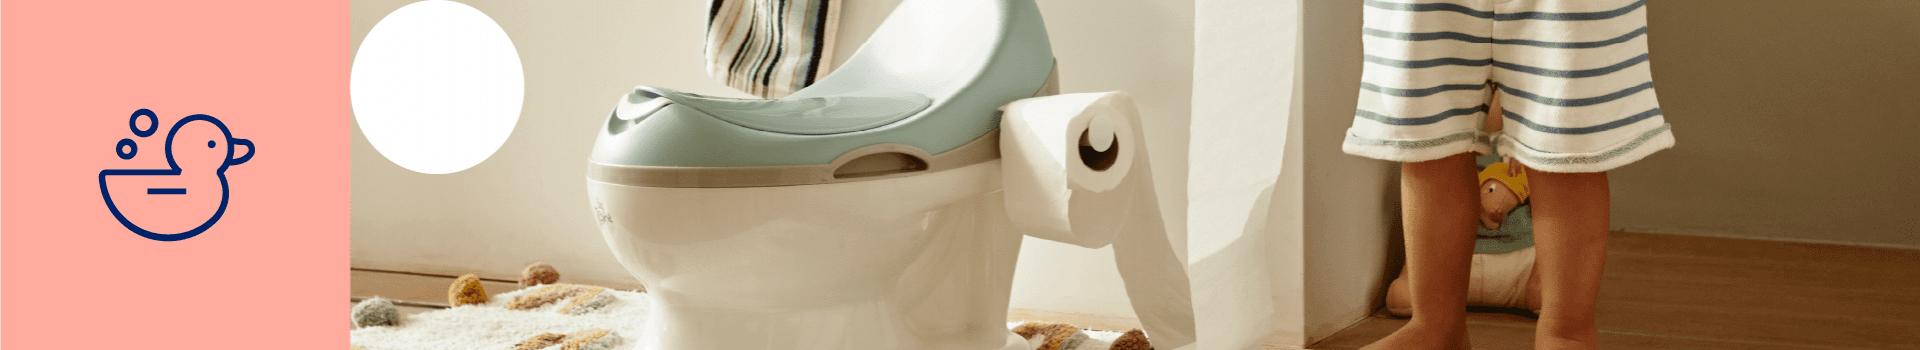 Igiene Jané | Articoli per il bagno e l'igiene del bambino | Janéworld